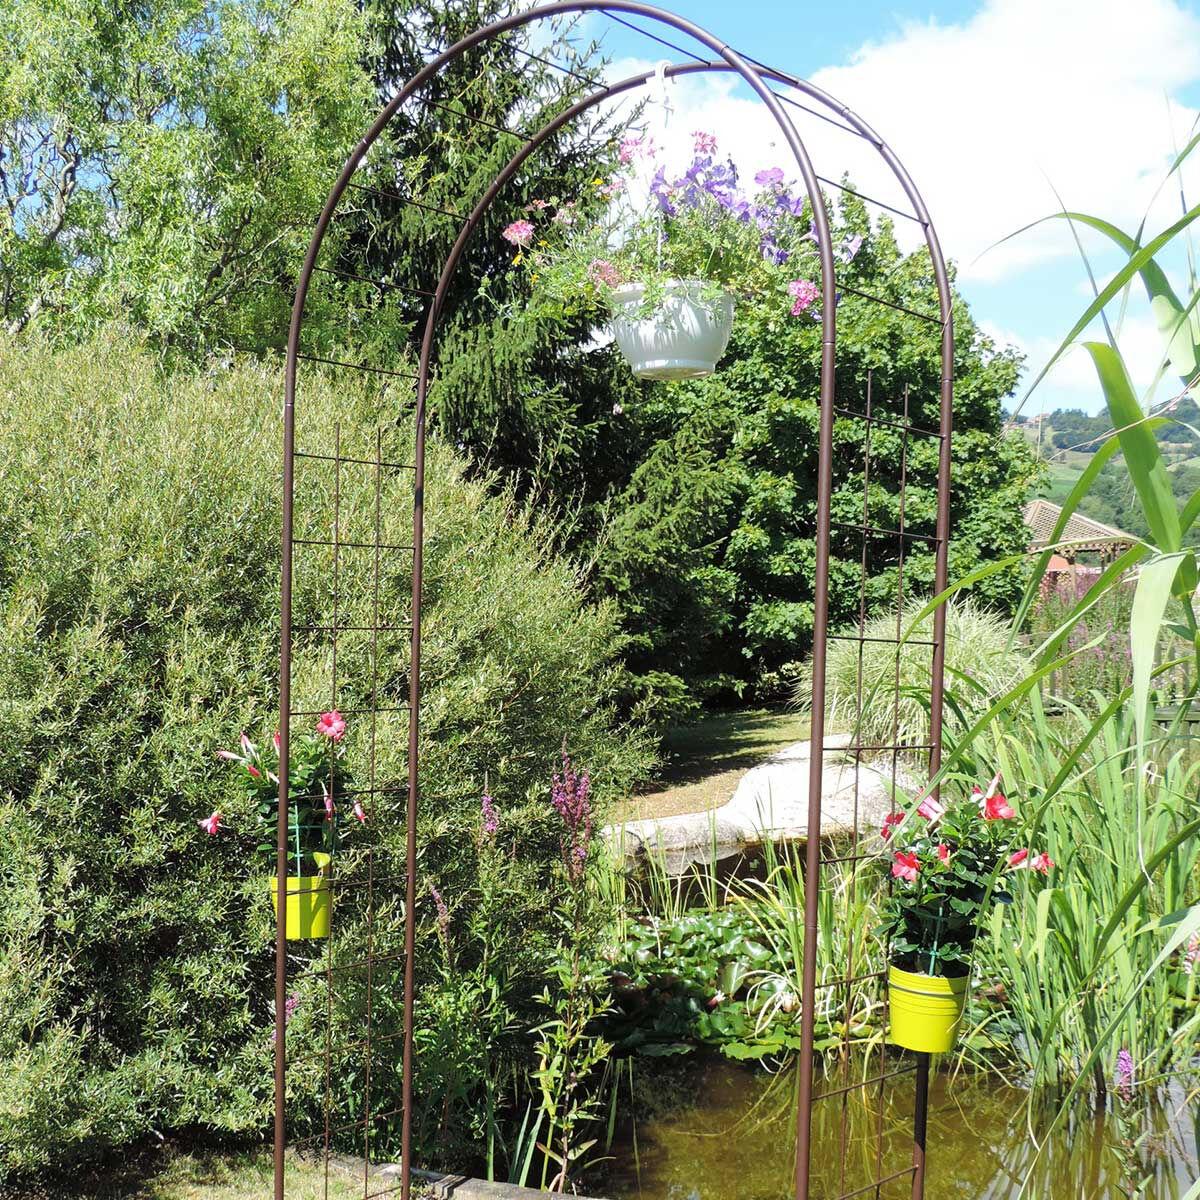 LMOULIN Arche de jardin treillage en fer petit modèle + 4 supports à enfoncer - Louis Moulin